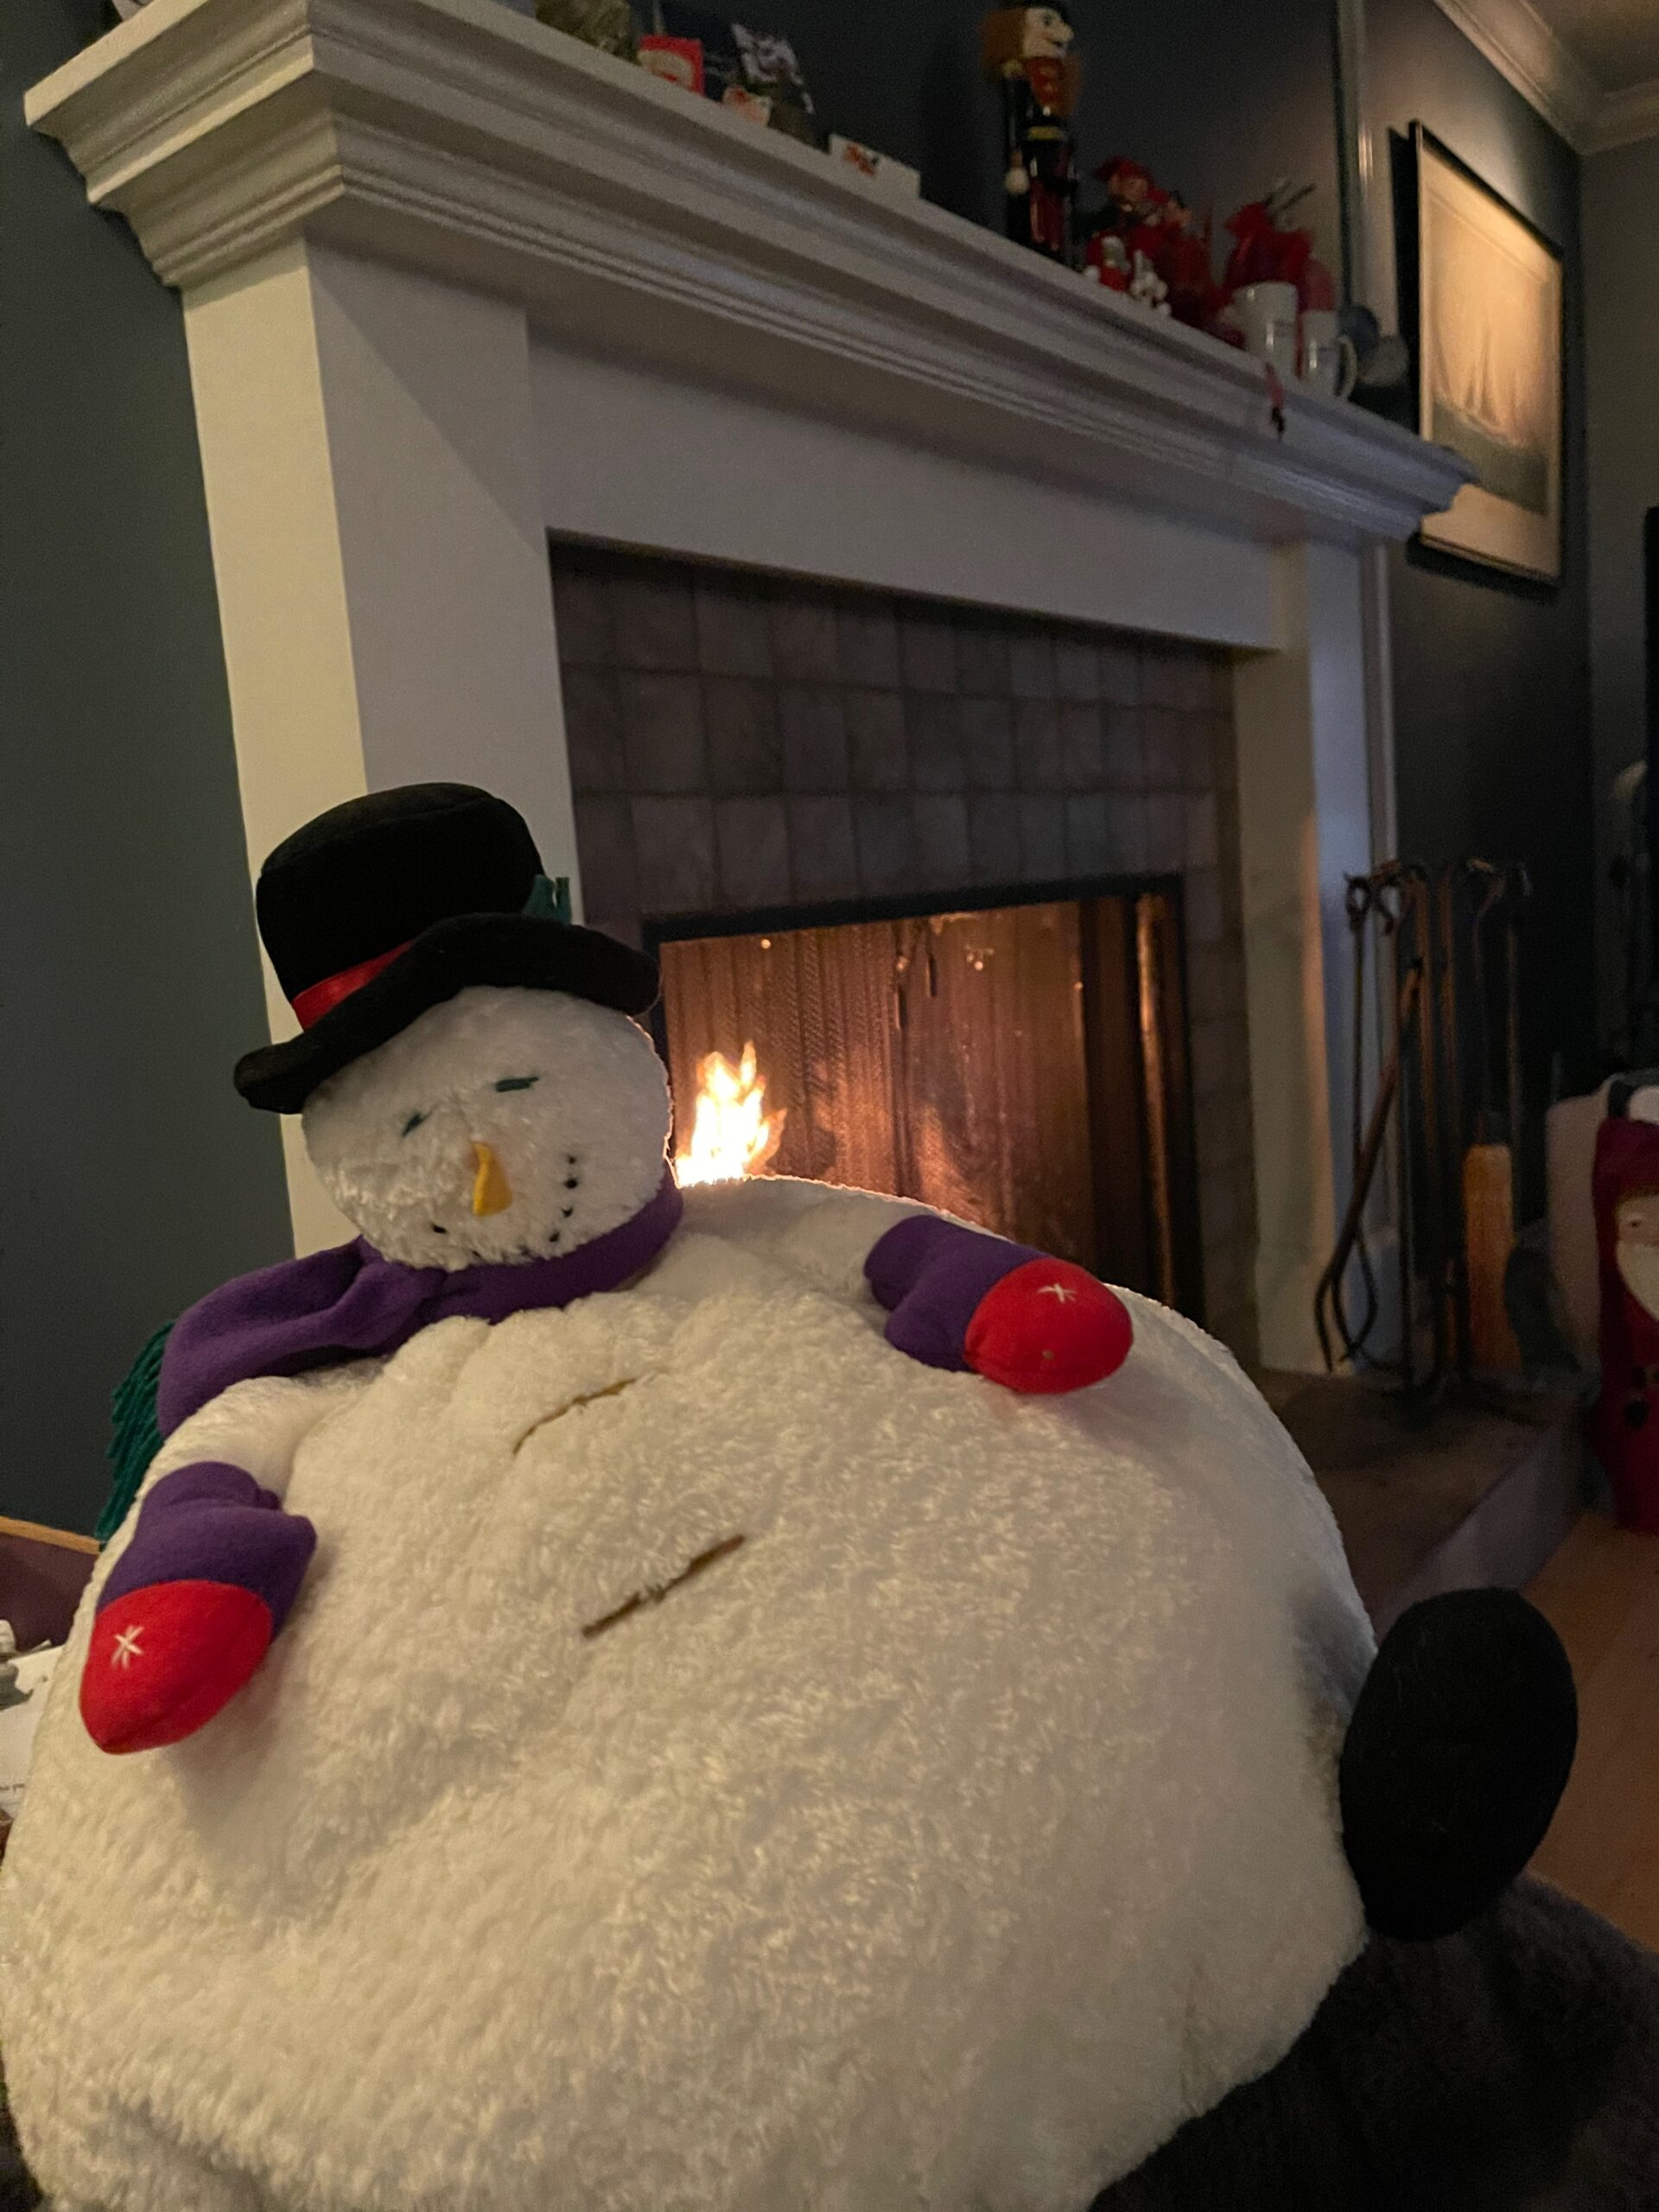 Ol' Santa